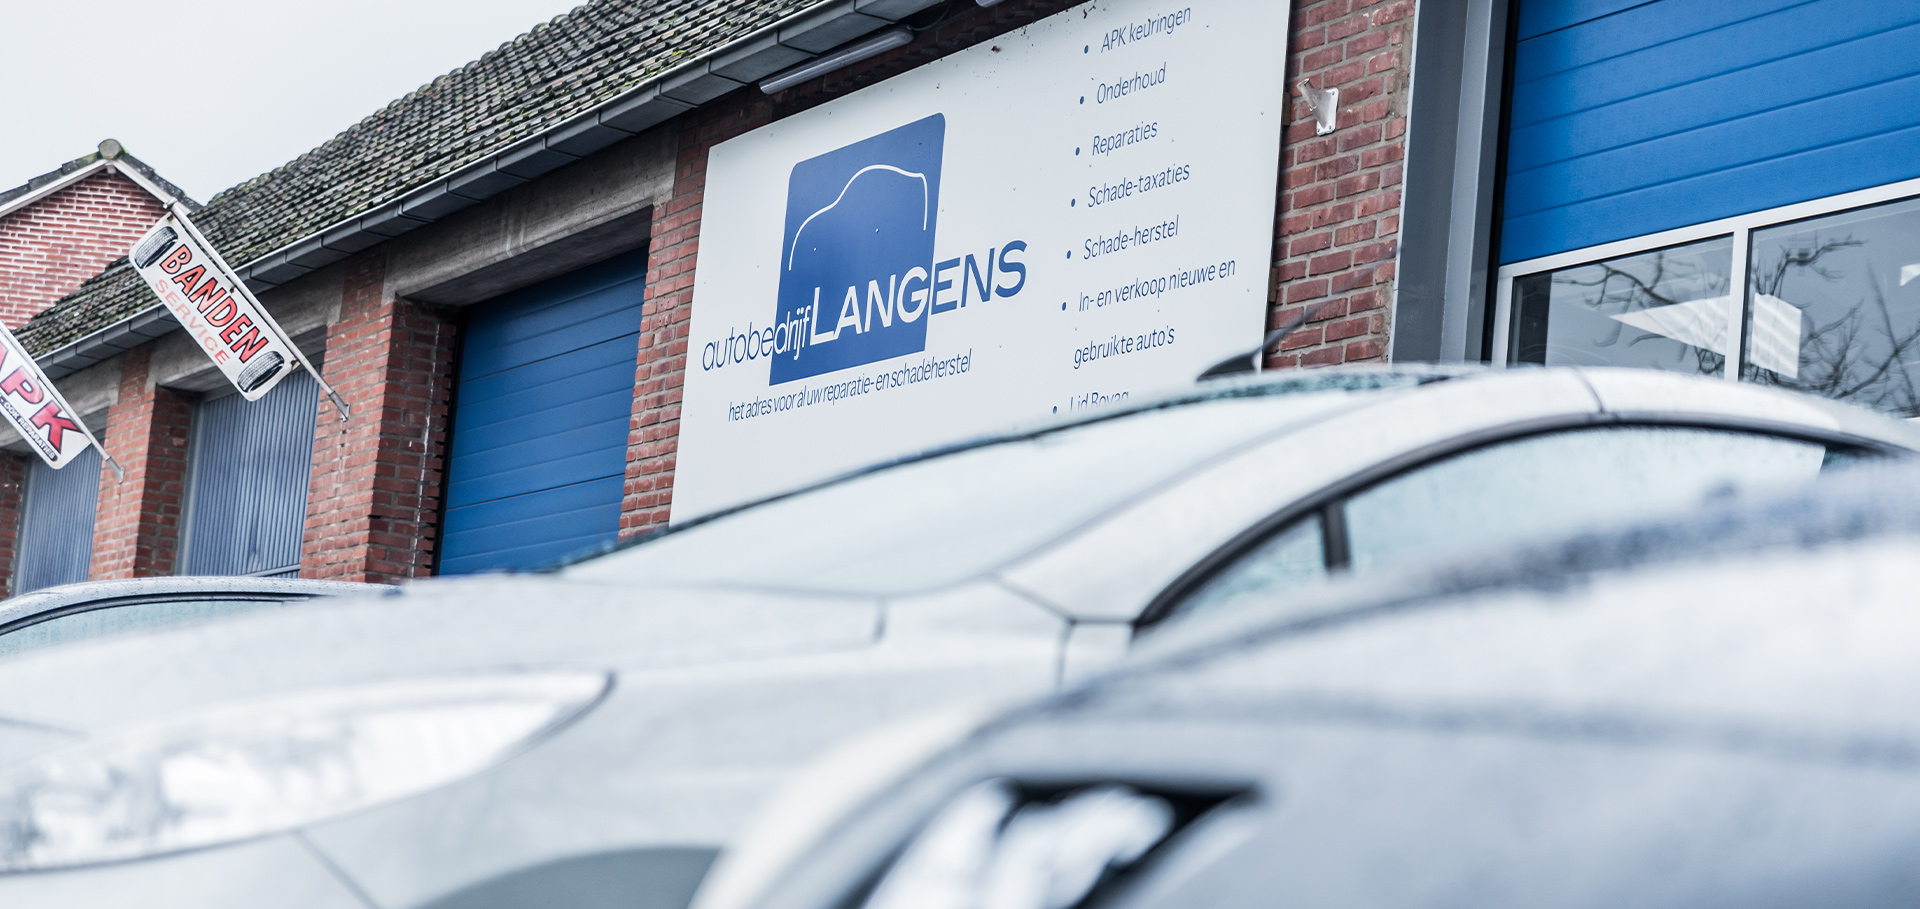 Financiering Autobedrijf Langens